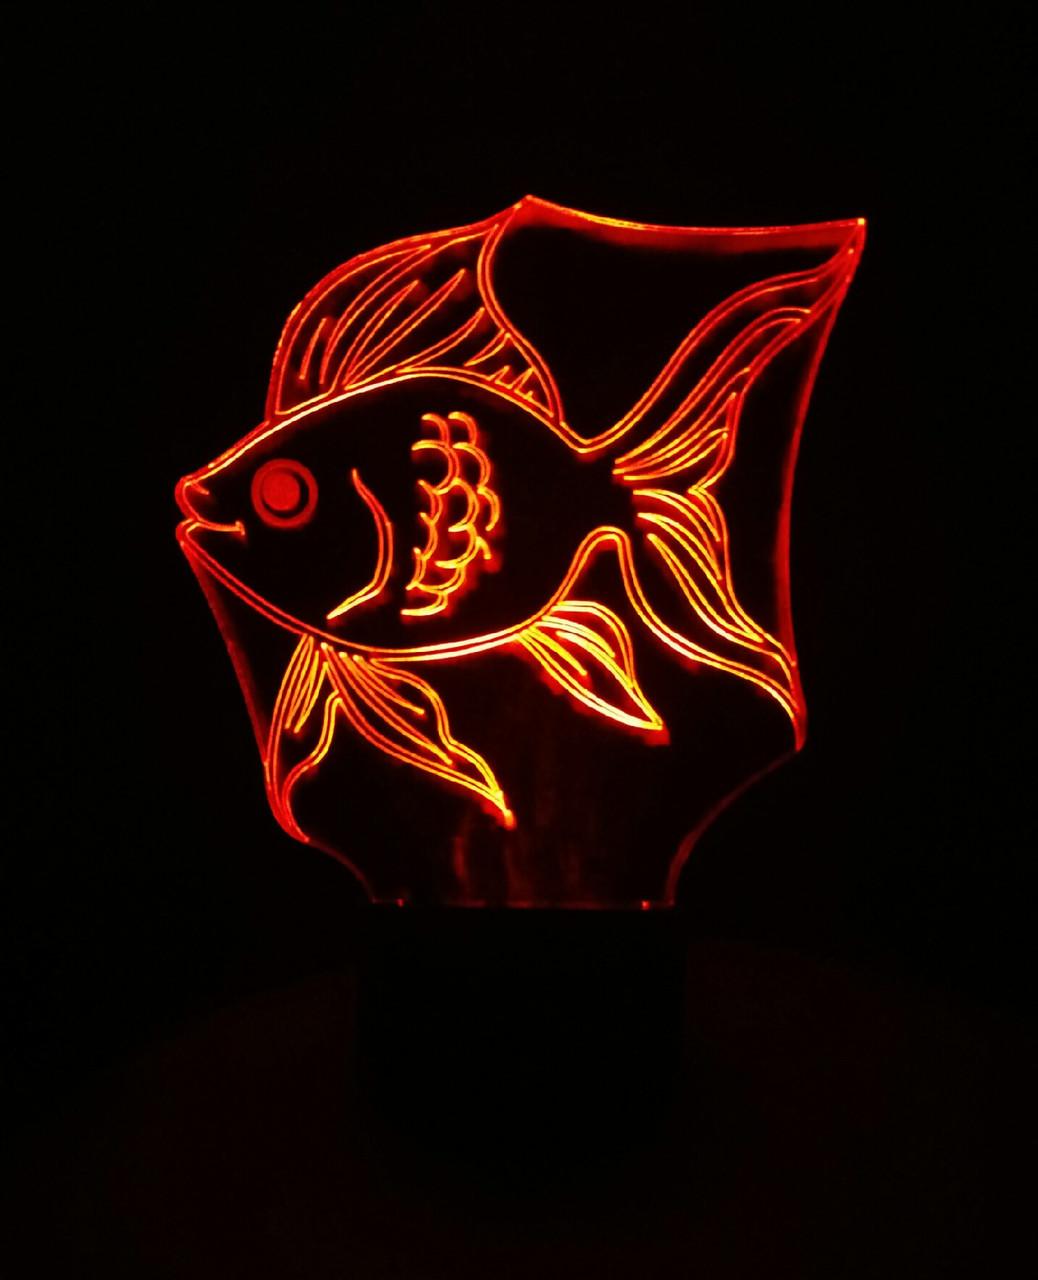 3d-світильник Золота рибка, 3д-нічник, кілька підсвічувань (на пульті)